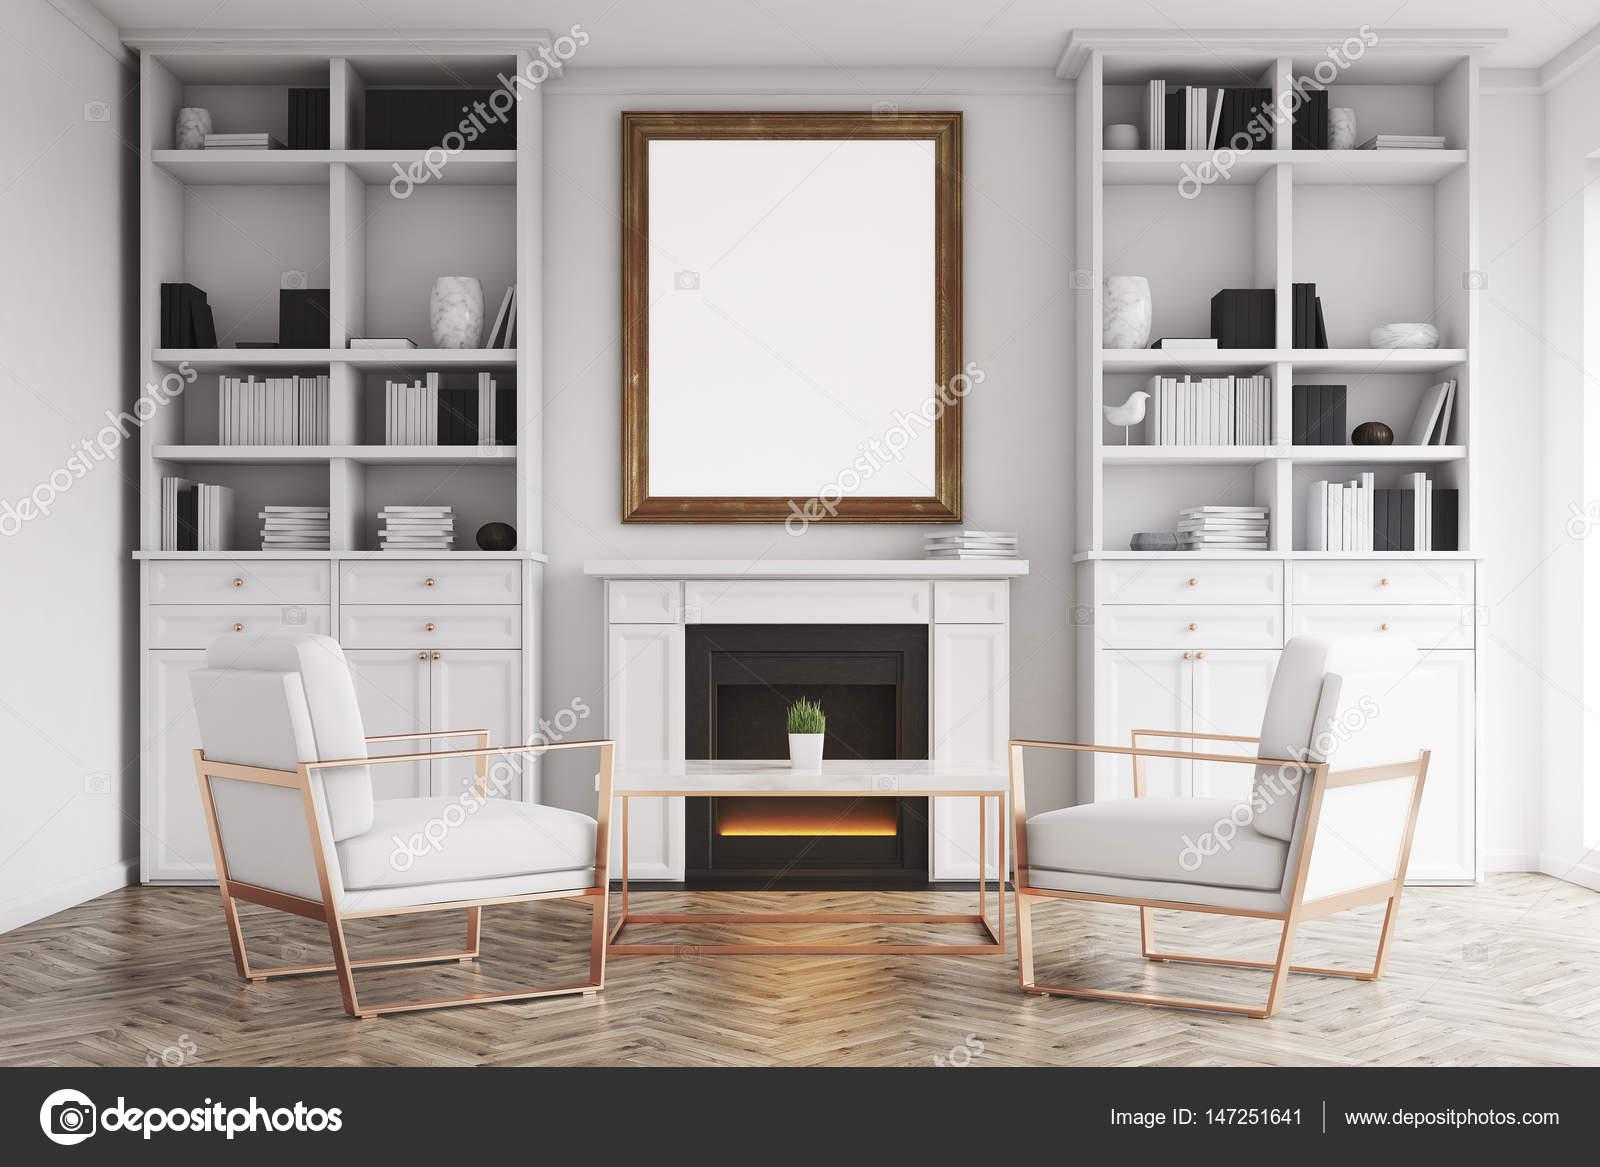 https://st3.depositphotos.com/2673929/14725/i/1600/depositphotos_147251641-stockafbeelding-witte-muren-woonkamer-twee-fauteuils.jpg